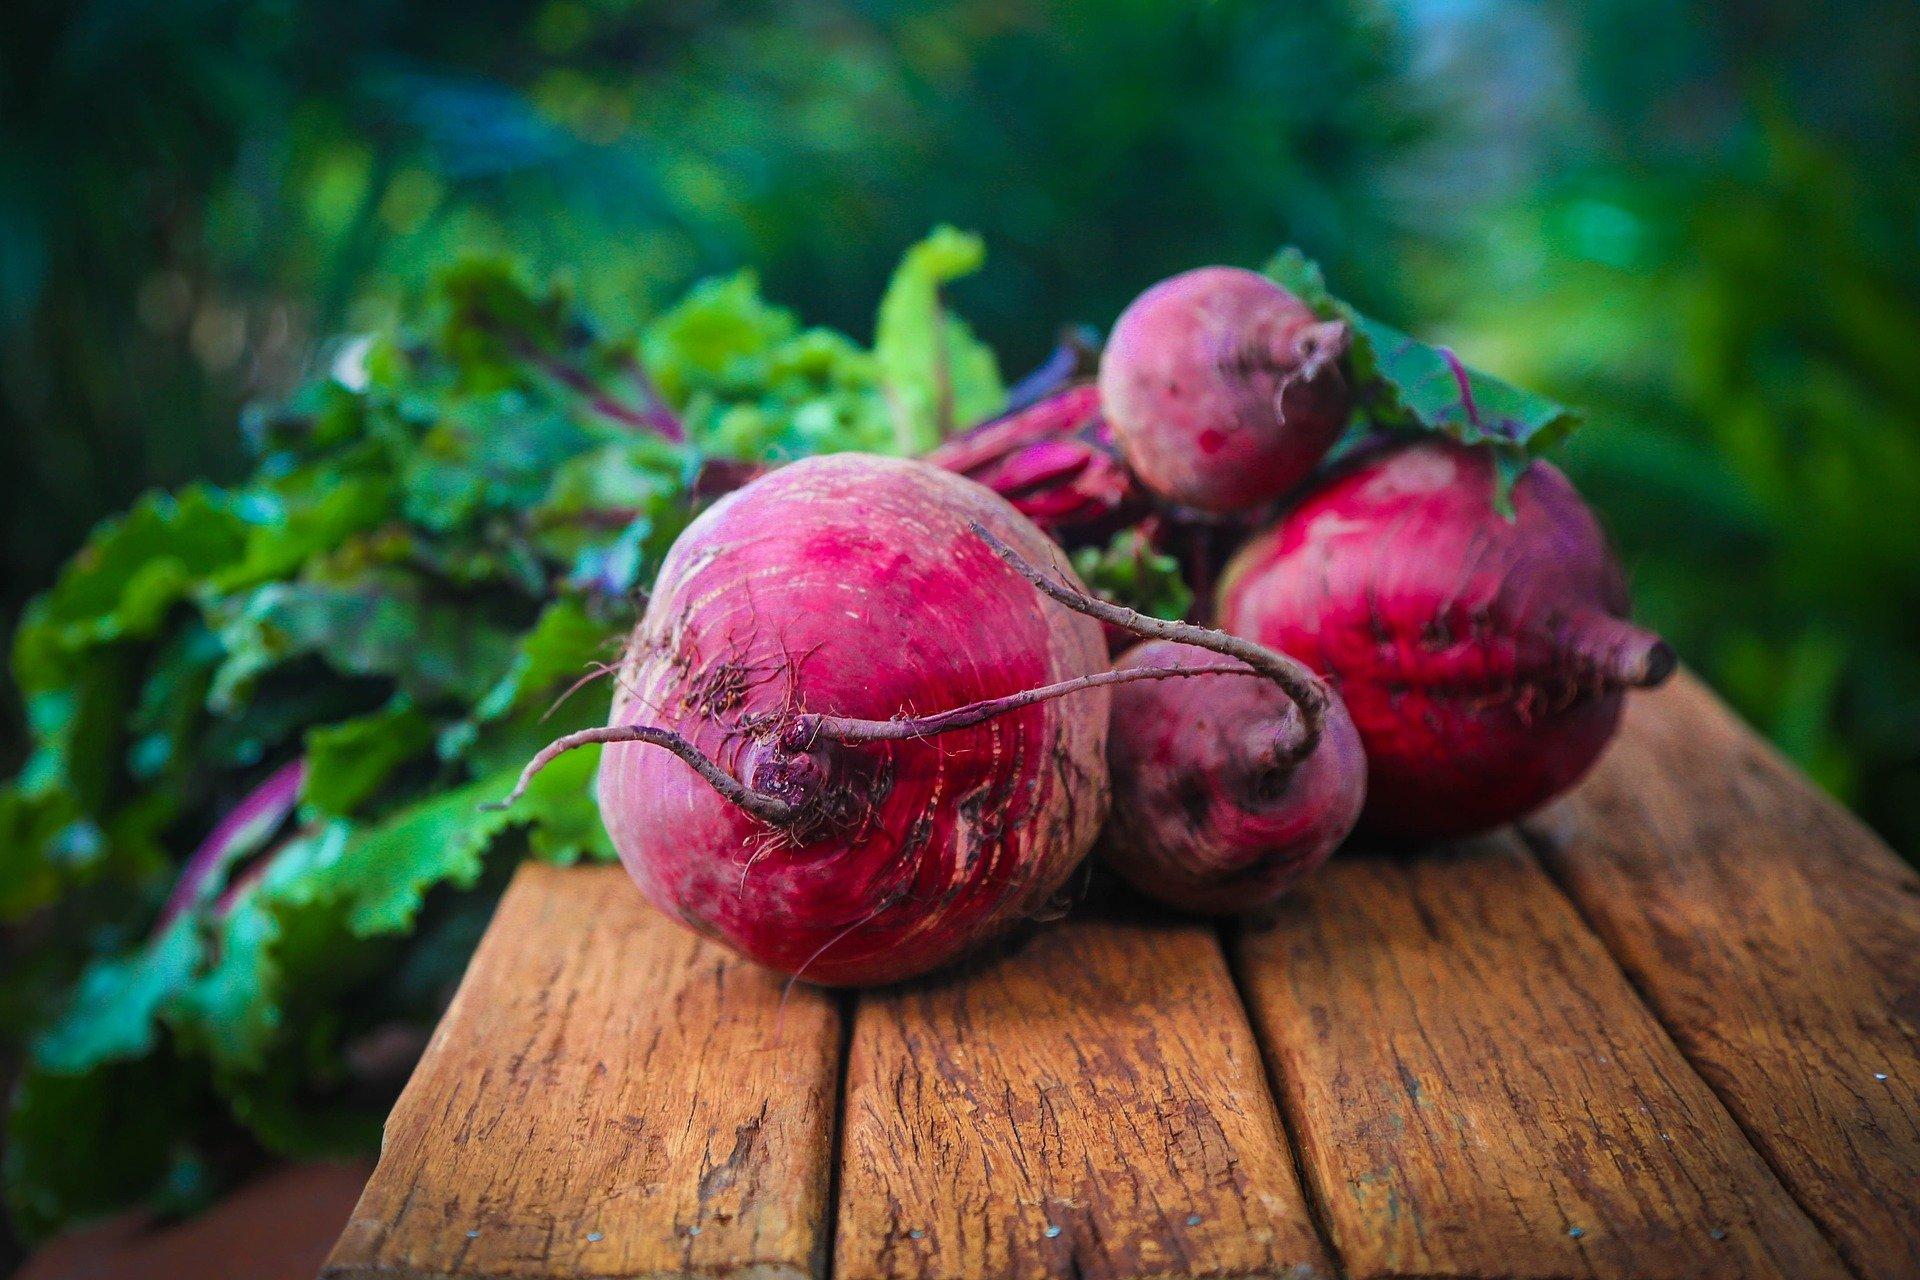 Liste over matvarer uten histaminer - bilde av rødbeter